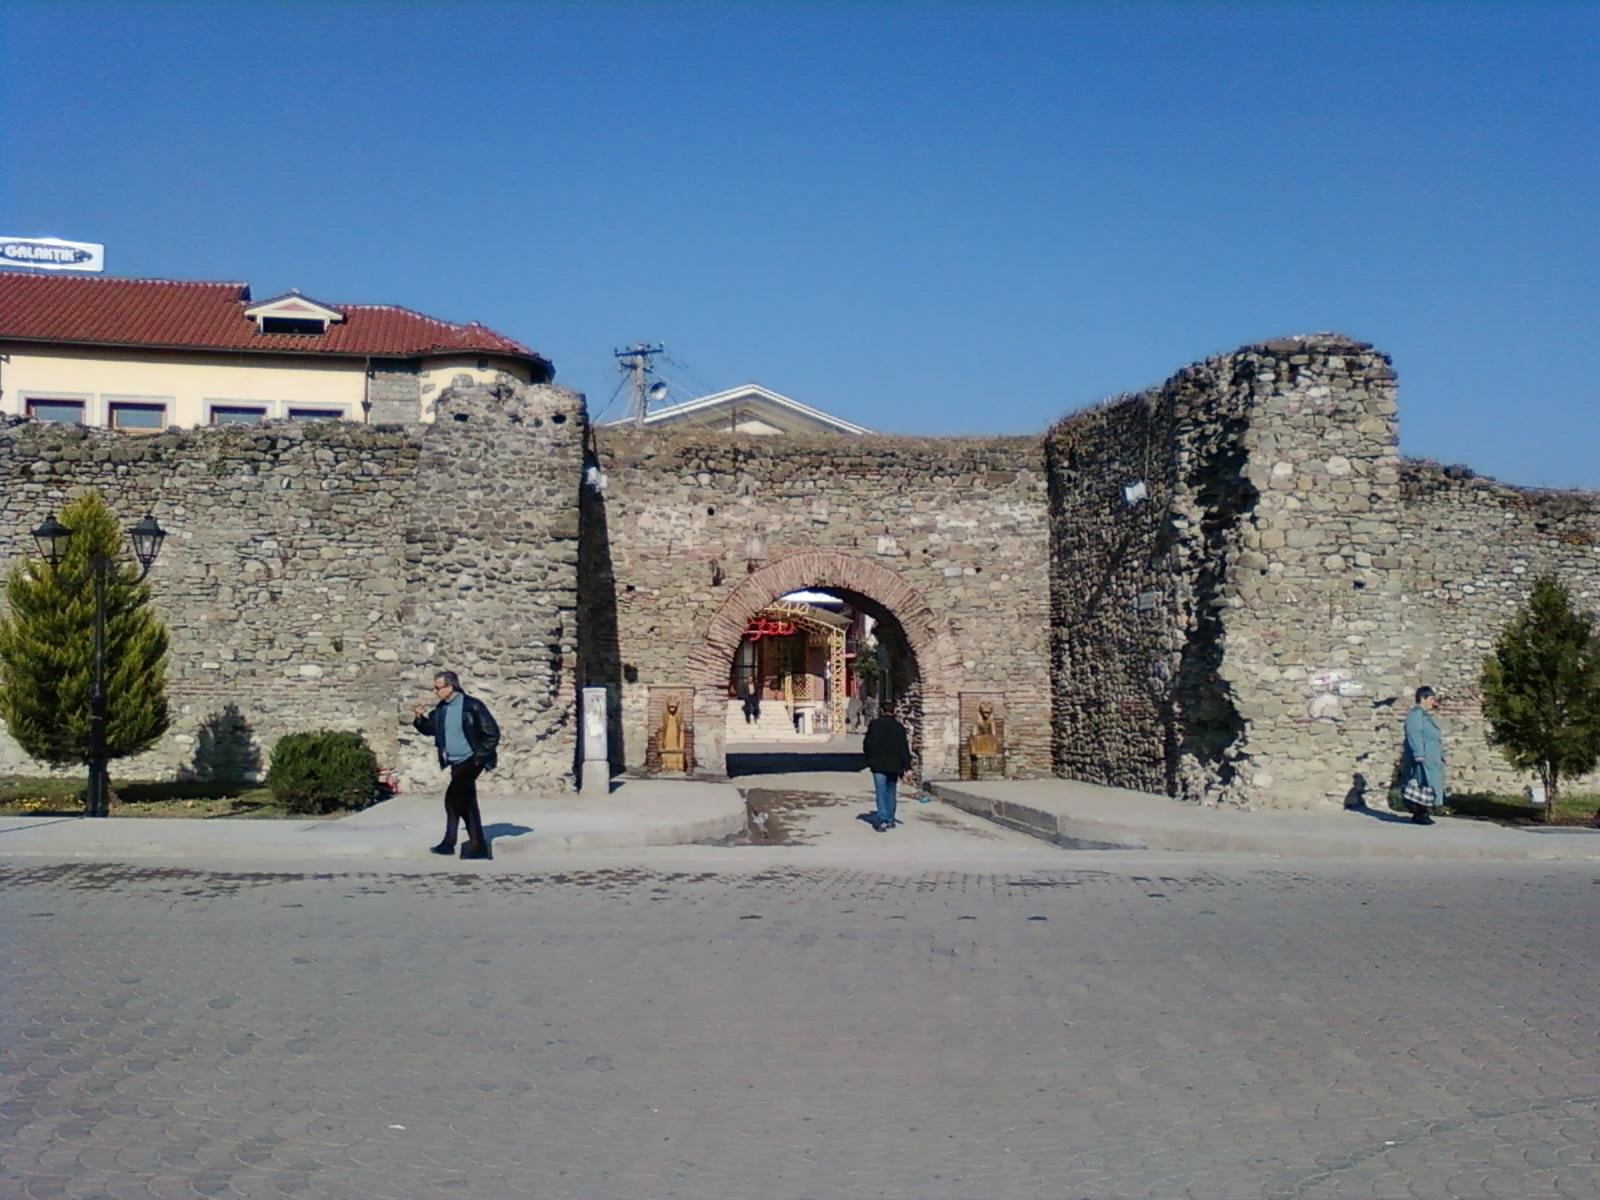 Stone hysa pietra da giardino muri esterno albanese - Muri da giardino ...